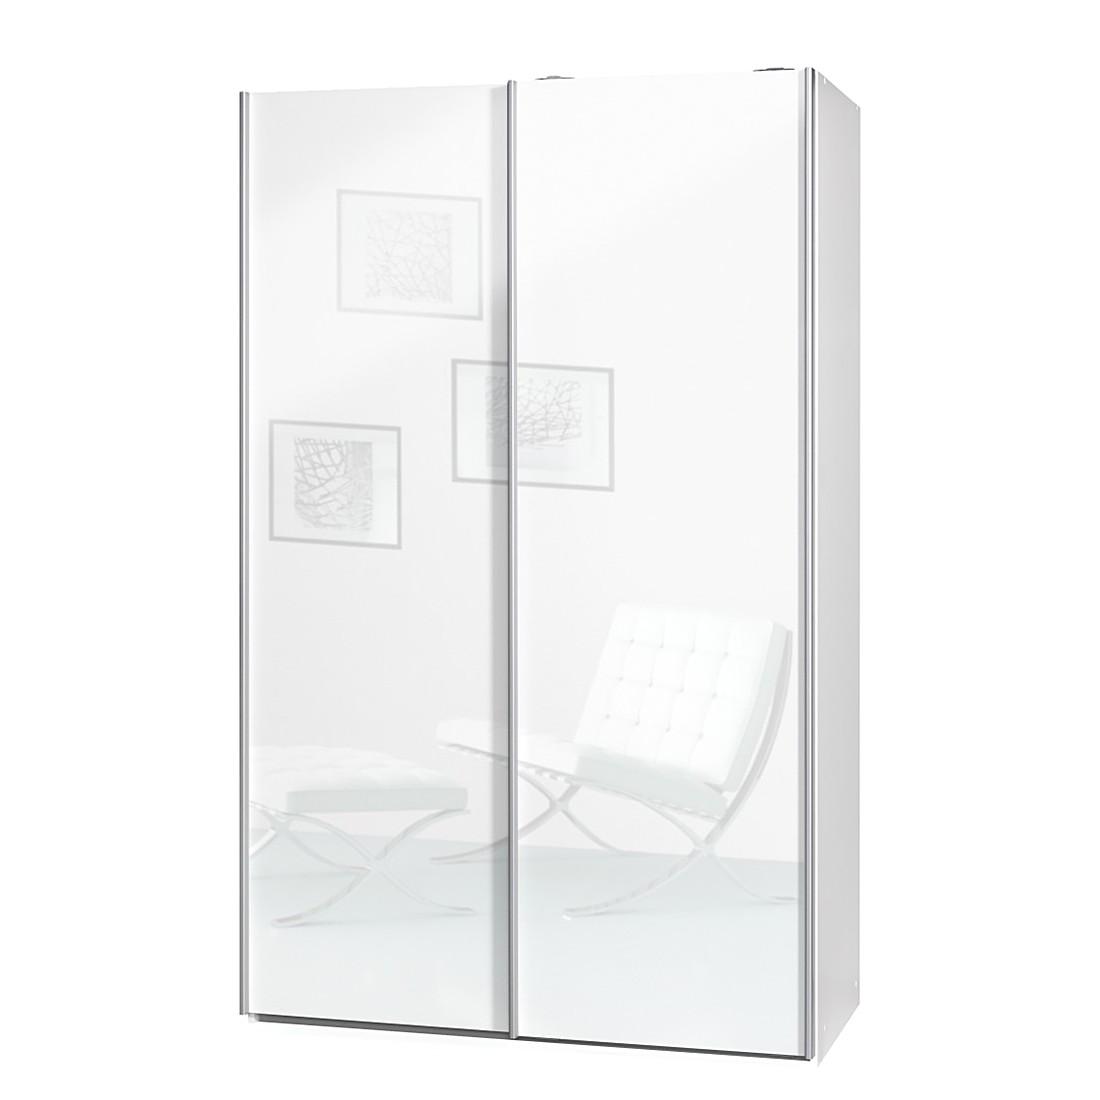 schwebet renschrank soft smart 120 cm wei hochglanz wei ohne spiegelt r en cs schmal. Black Bedroom Furniture Sets. Home Design Ideas